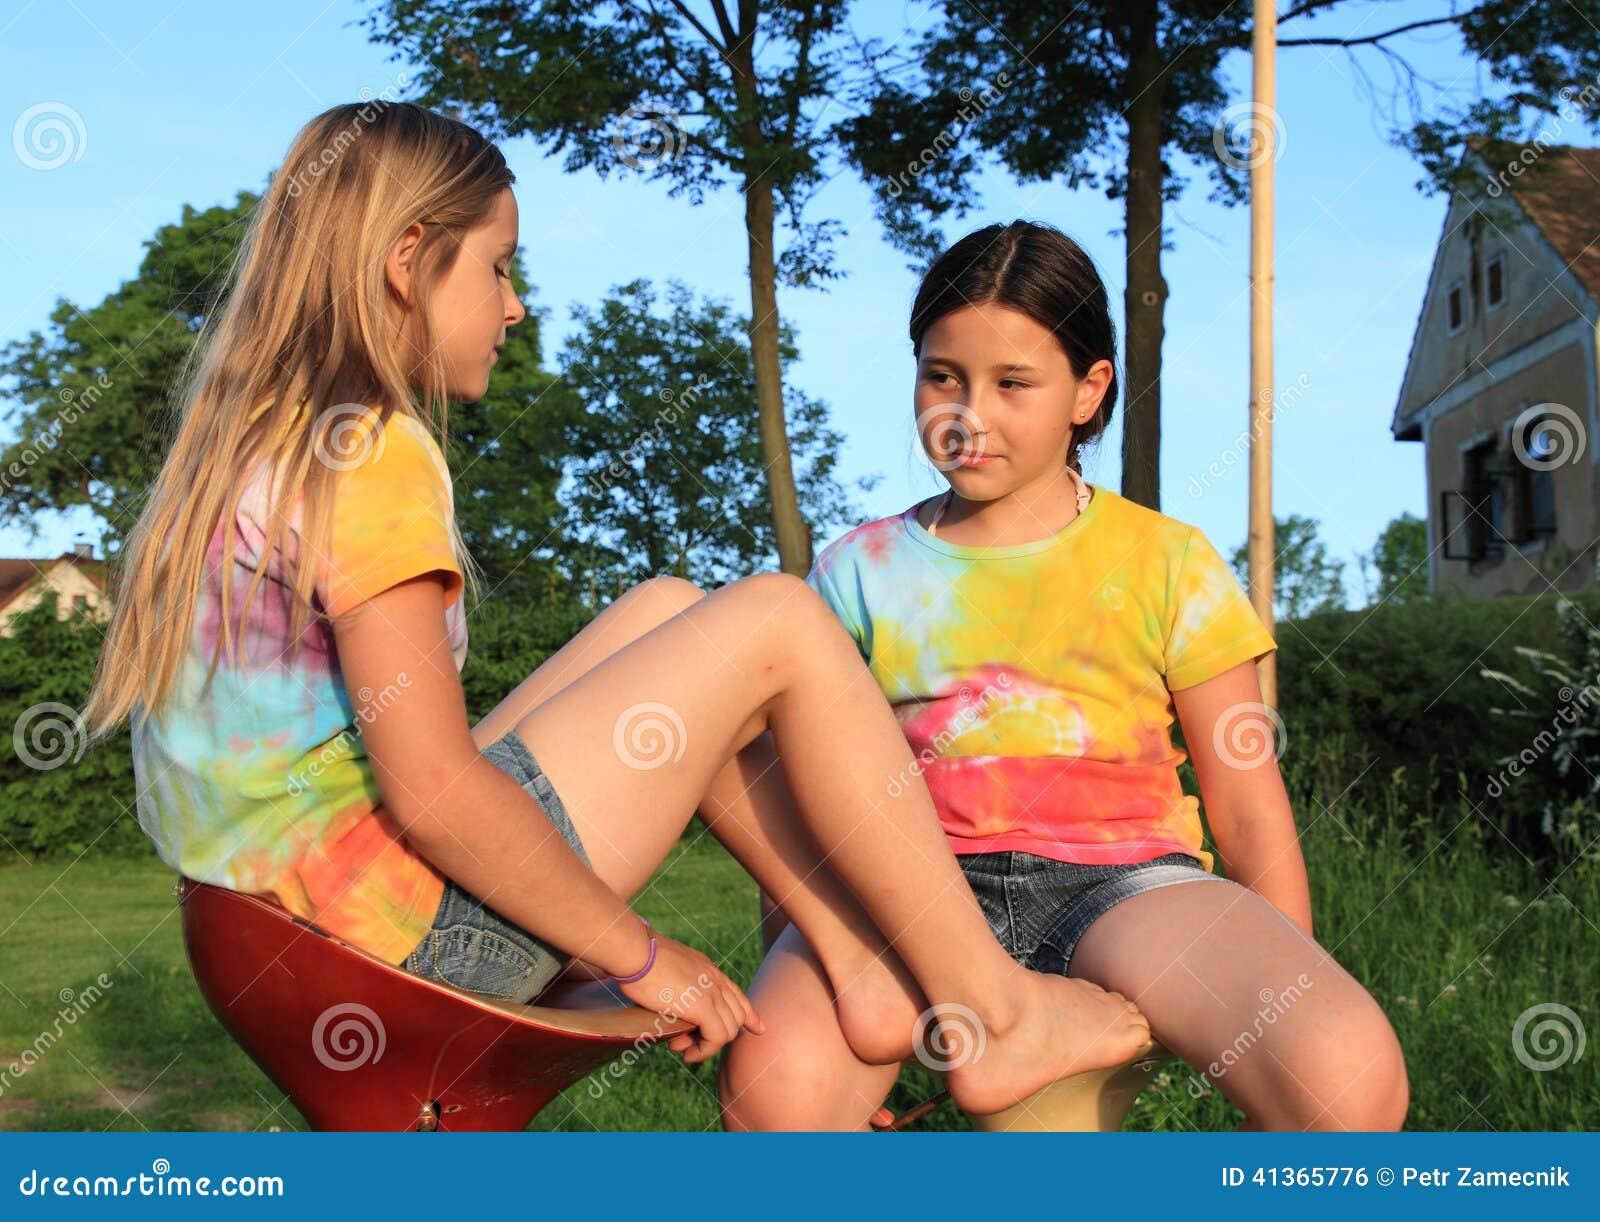 Candid brunette feet and legs in flip flops starbucks 8